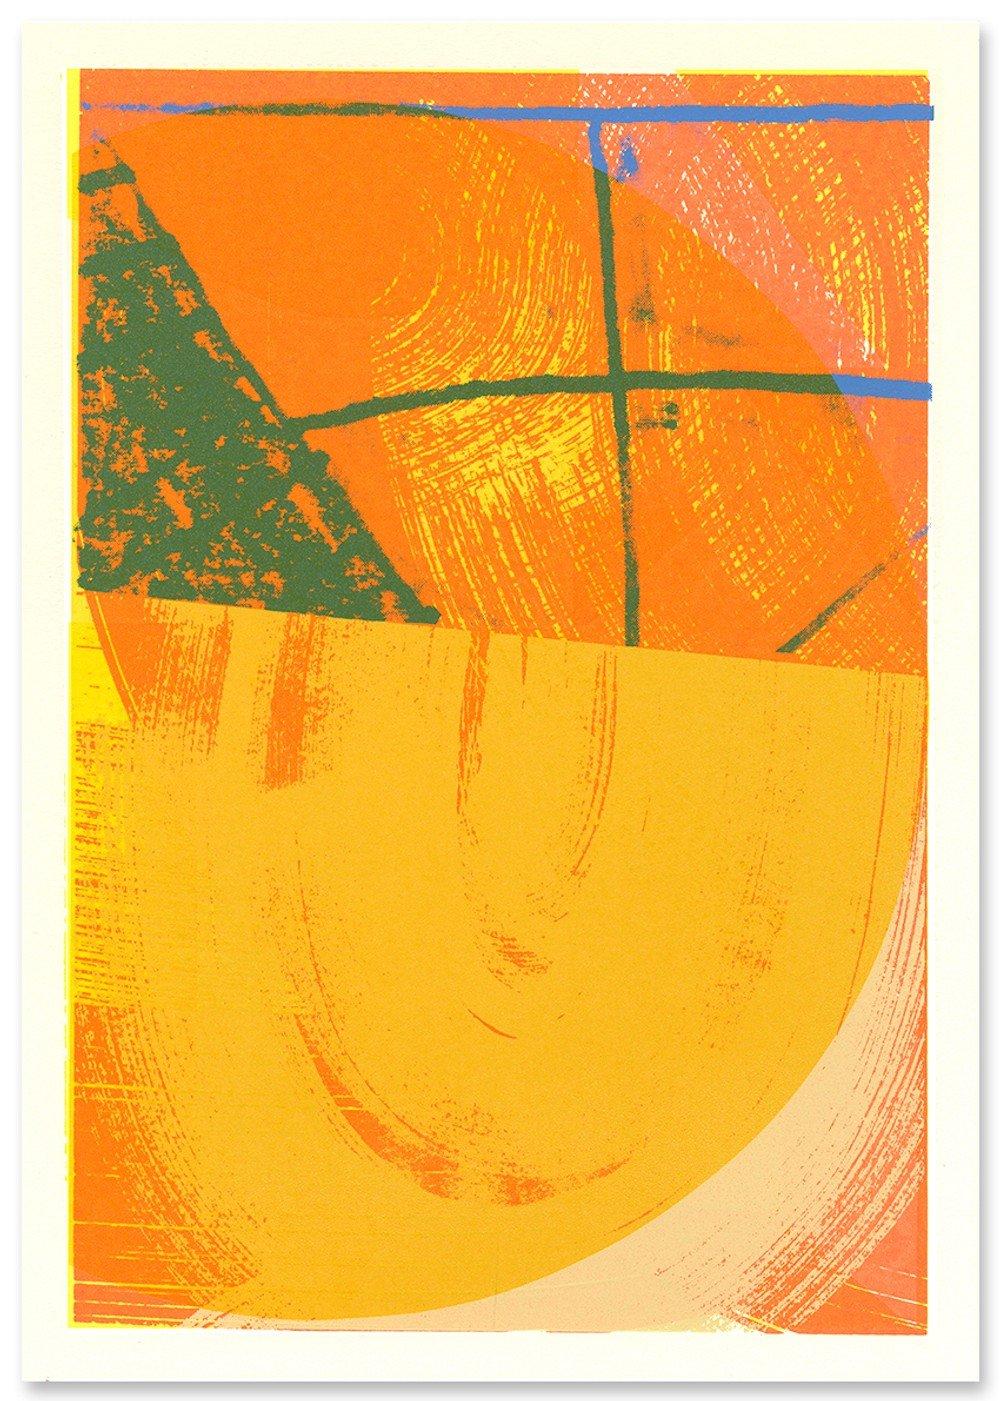 Image of Sun Squash